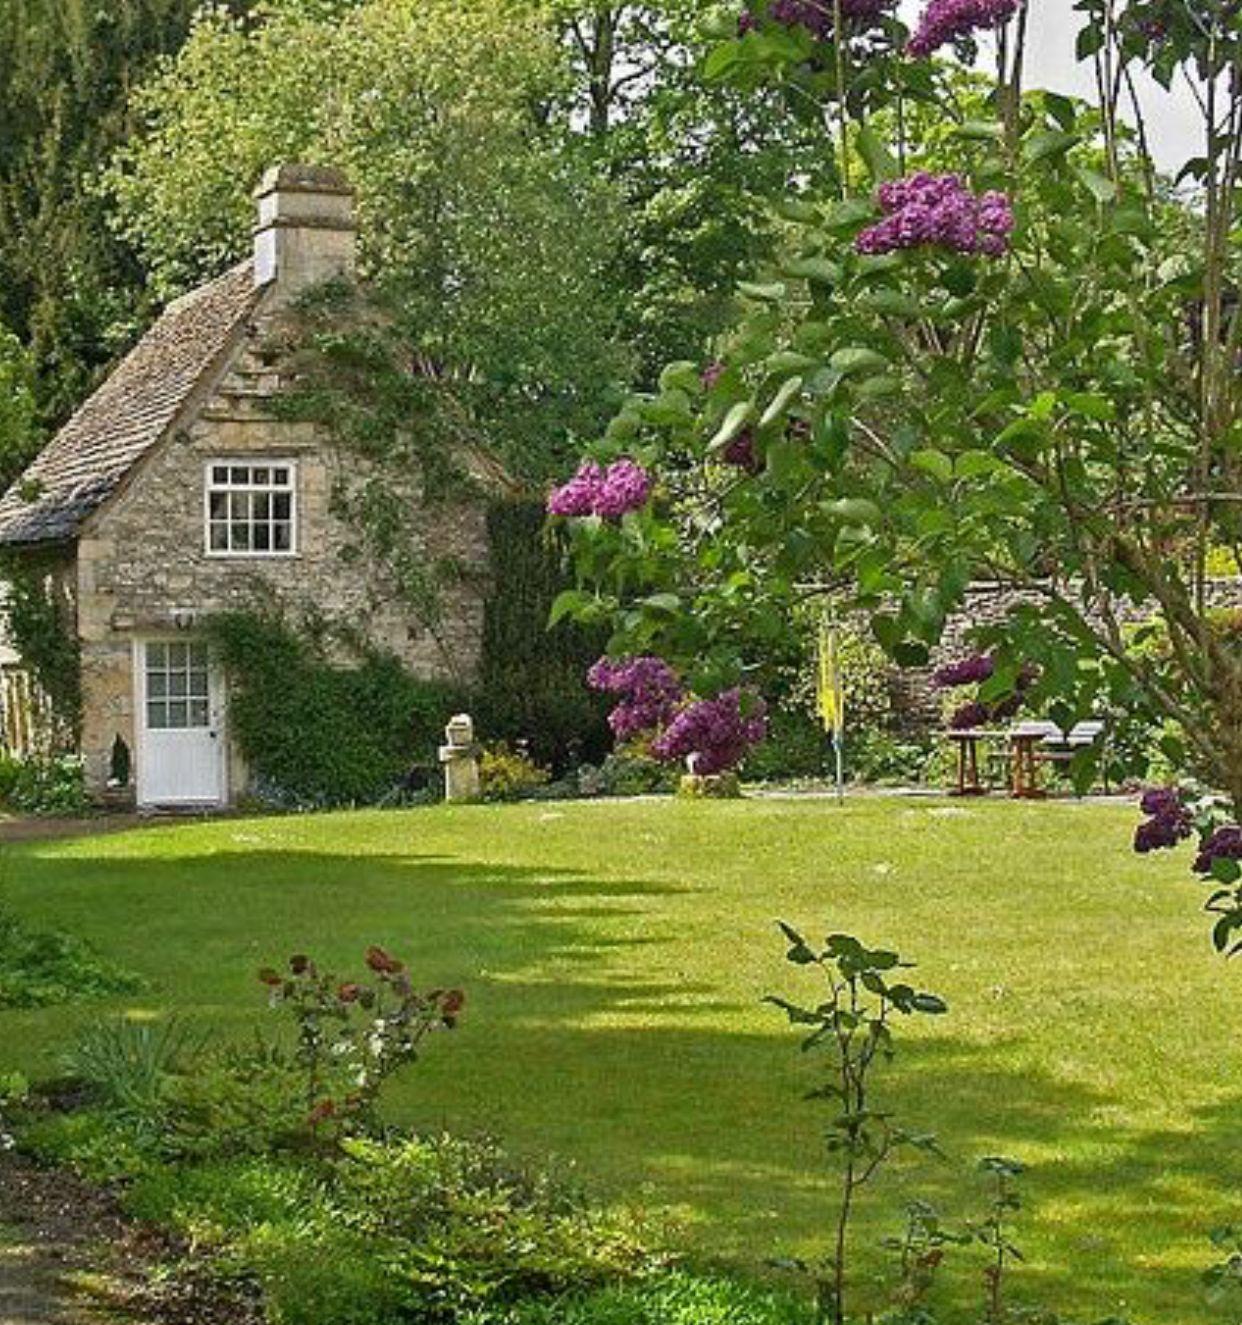 Pin Von Alison Bader Auf English Cottages Haus Und Garten Hutten Im Englischen Stil Ferienhaus